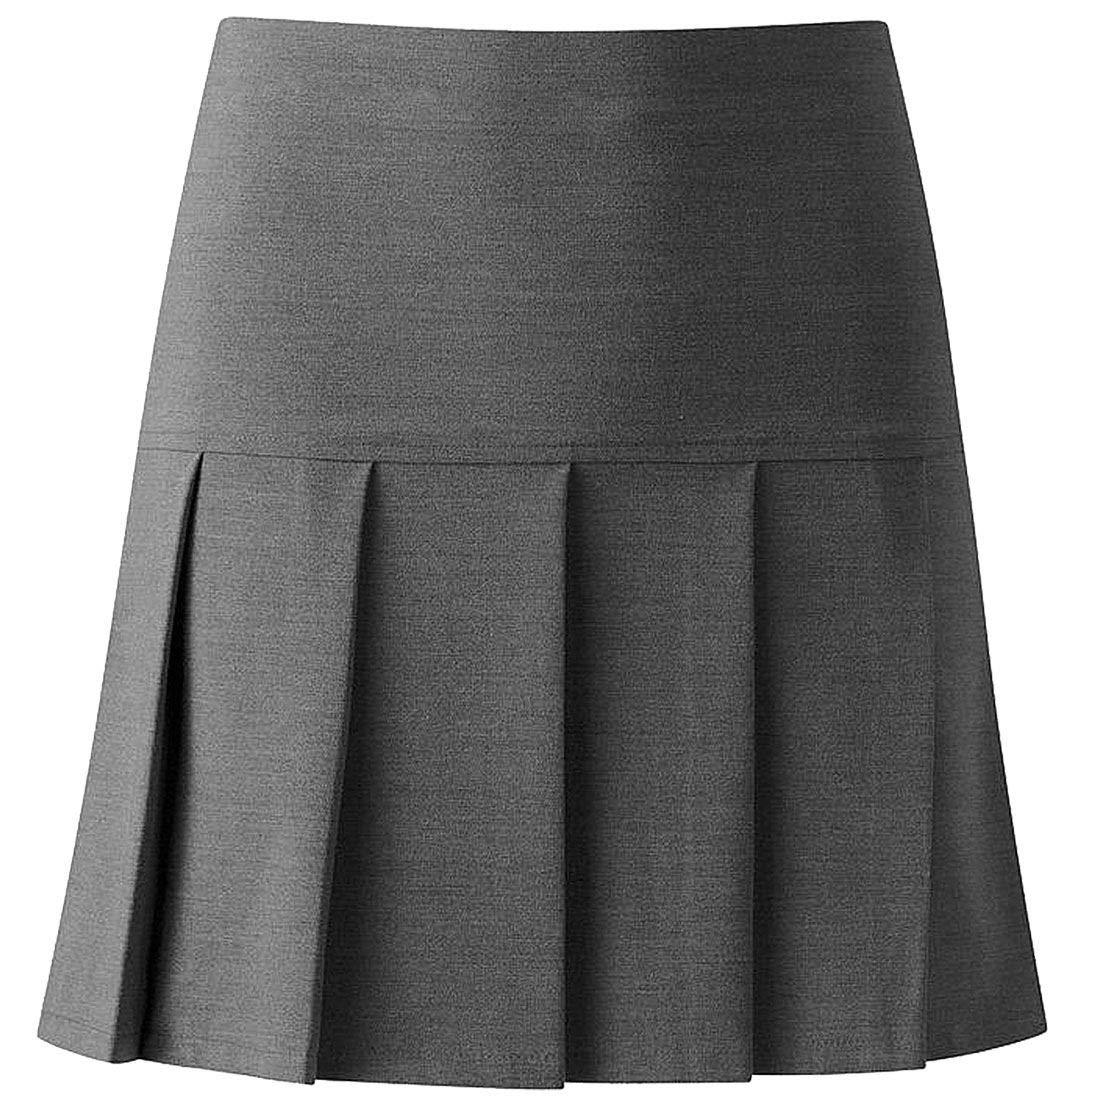 Islander Fashions para Mujer Faldas Redondas para Mujer Falda ...